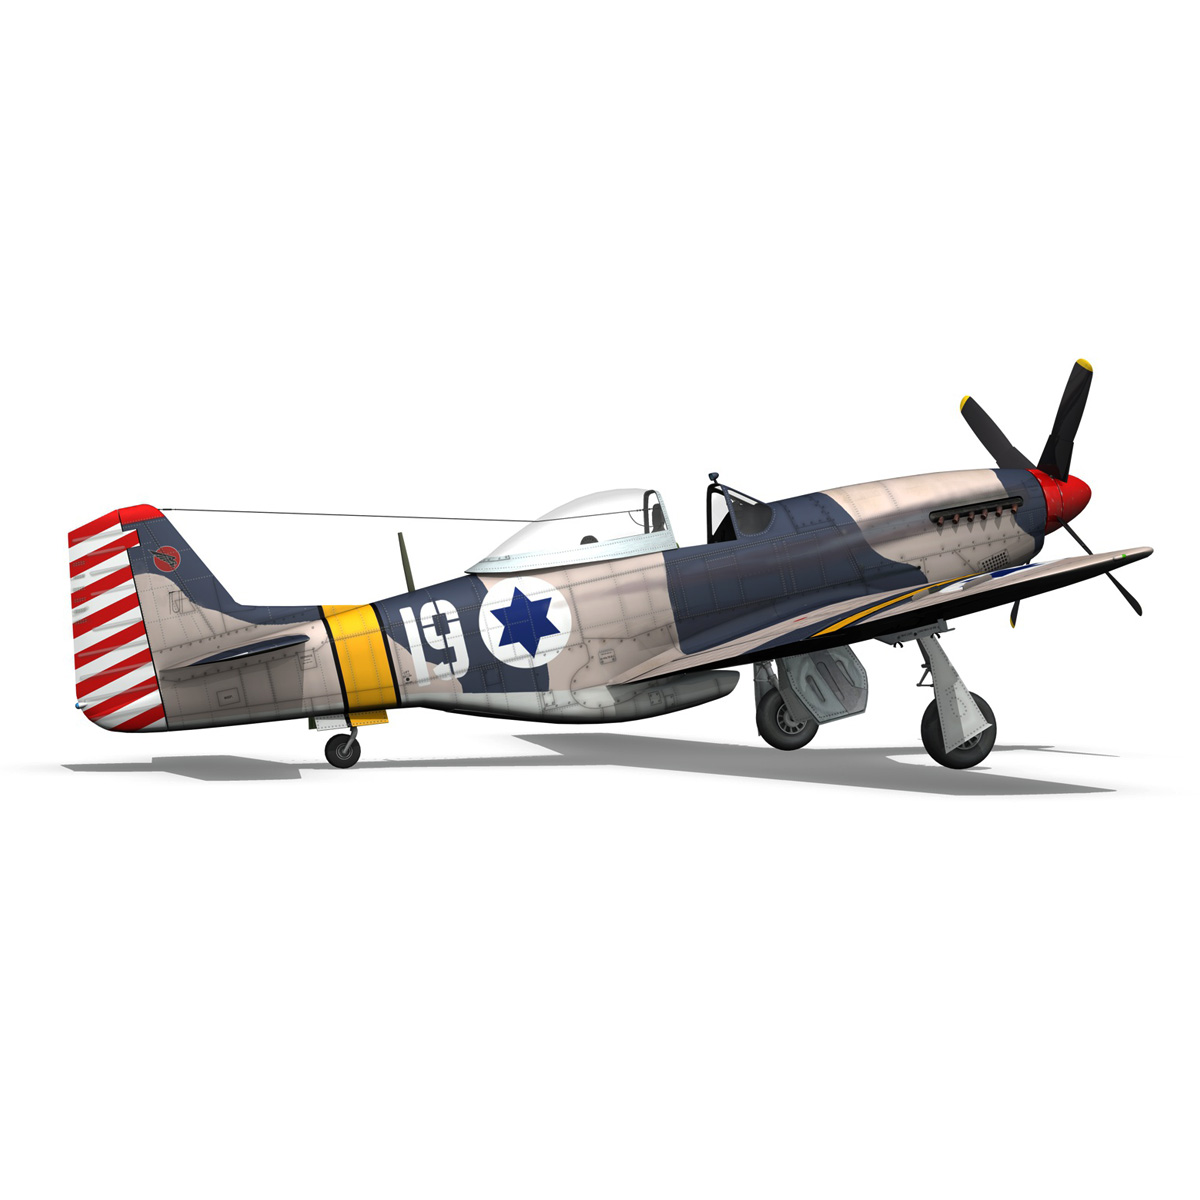 North American P-51D Mustang - IDF 3d model fbx c4d lwo lws lw obj 273319